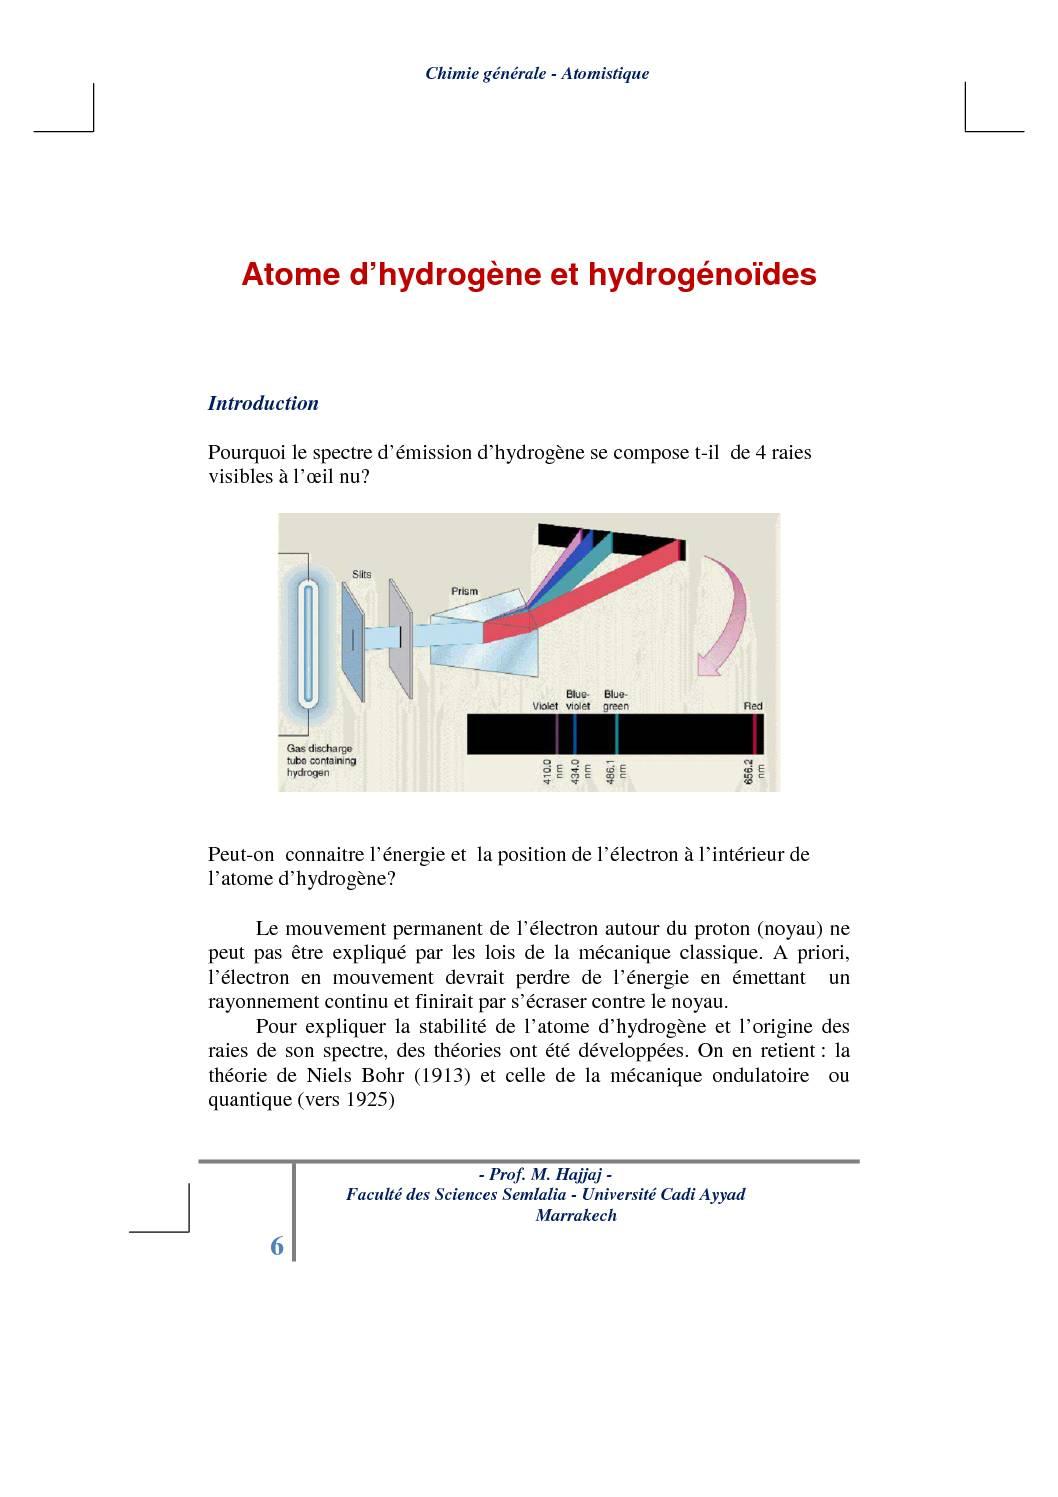 Cours Atomistique : Atome d'hydrogène et hydrogénoïdes